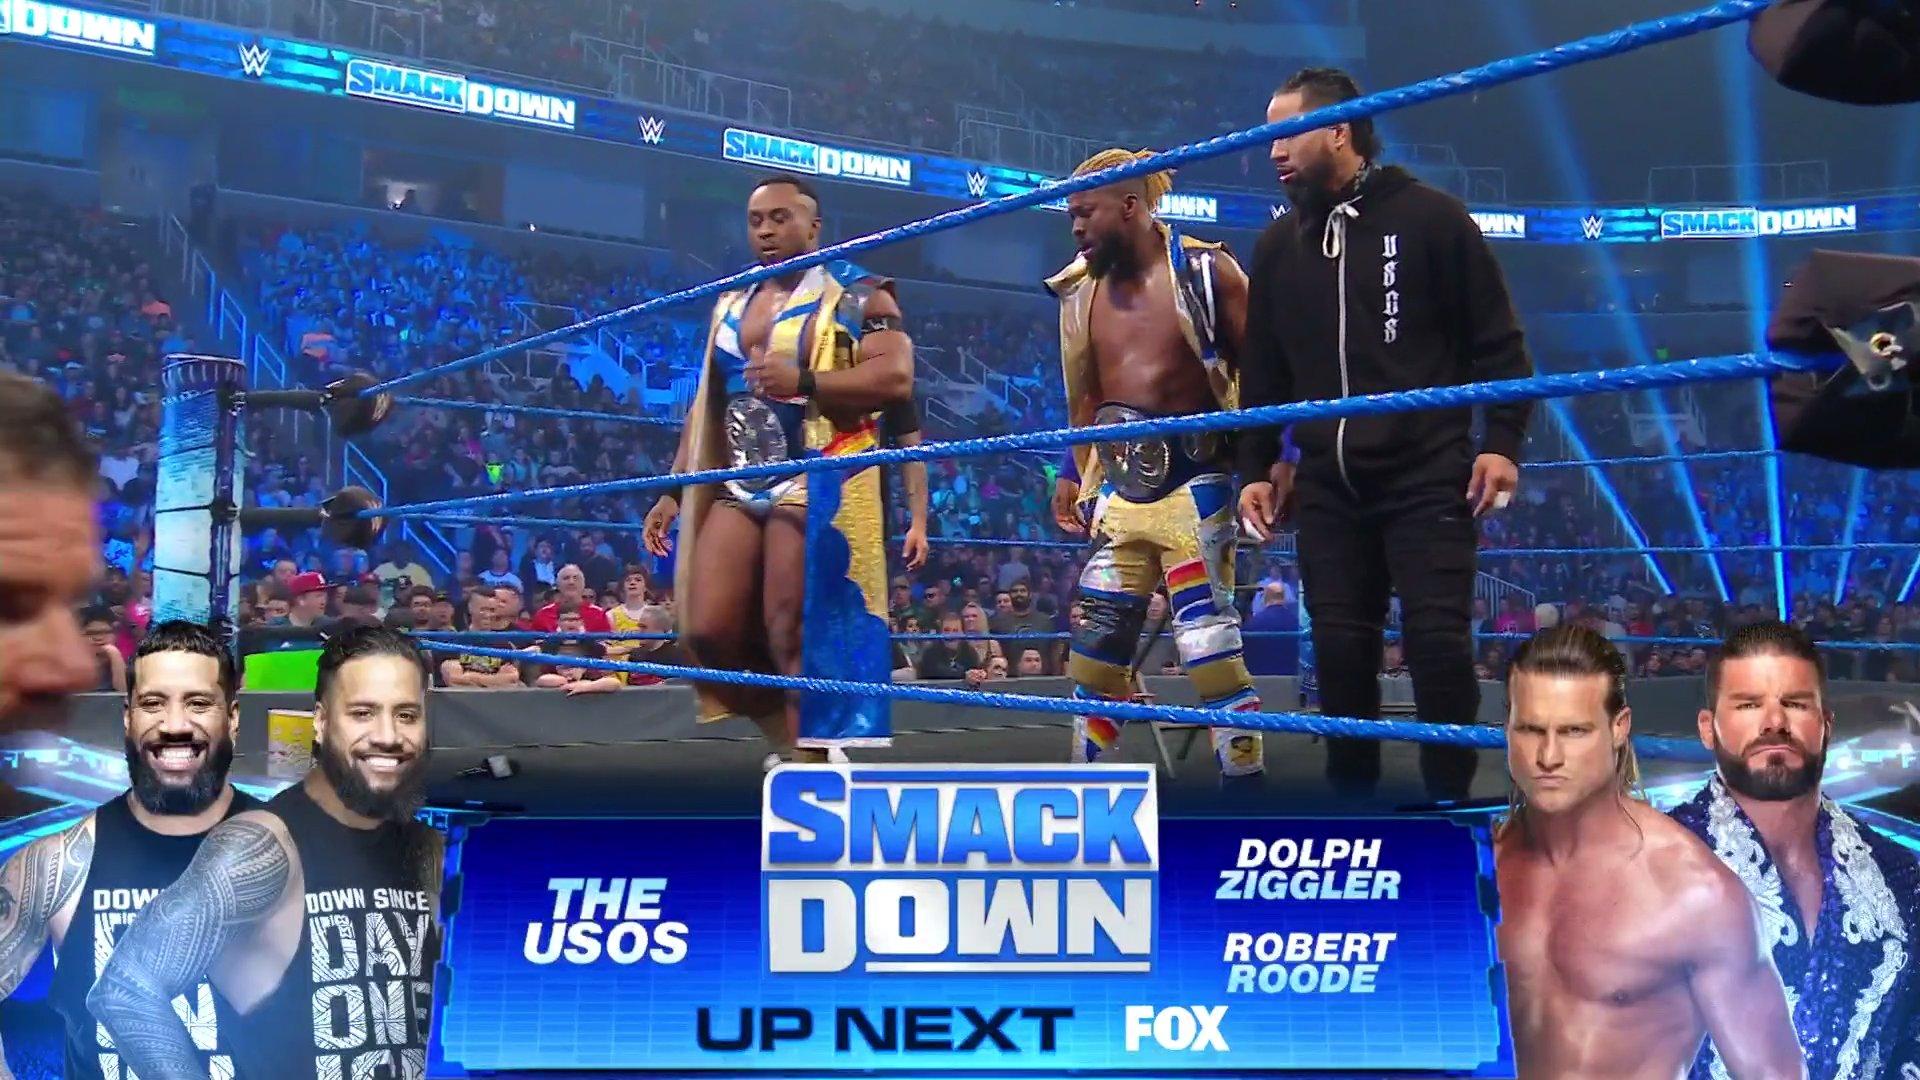 WWE SMACKDOWN (7 de febrero 2020) | Resultados en vivo | Goldberg regresa 7